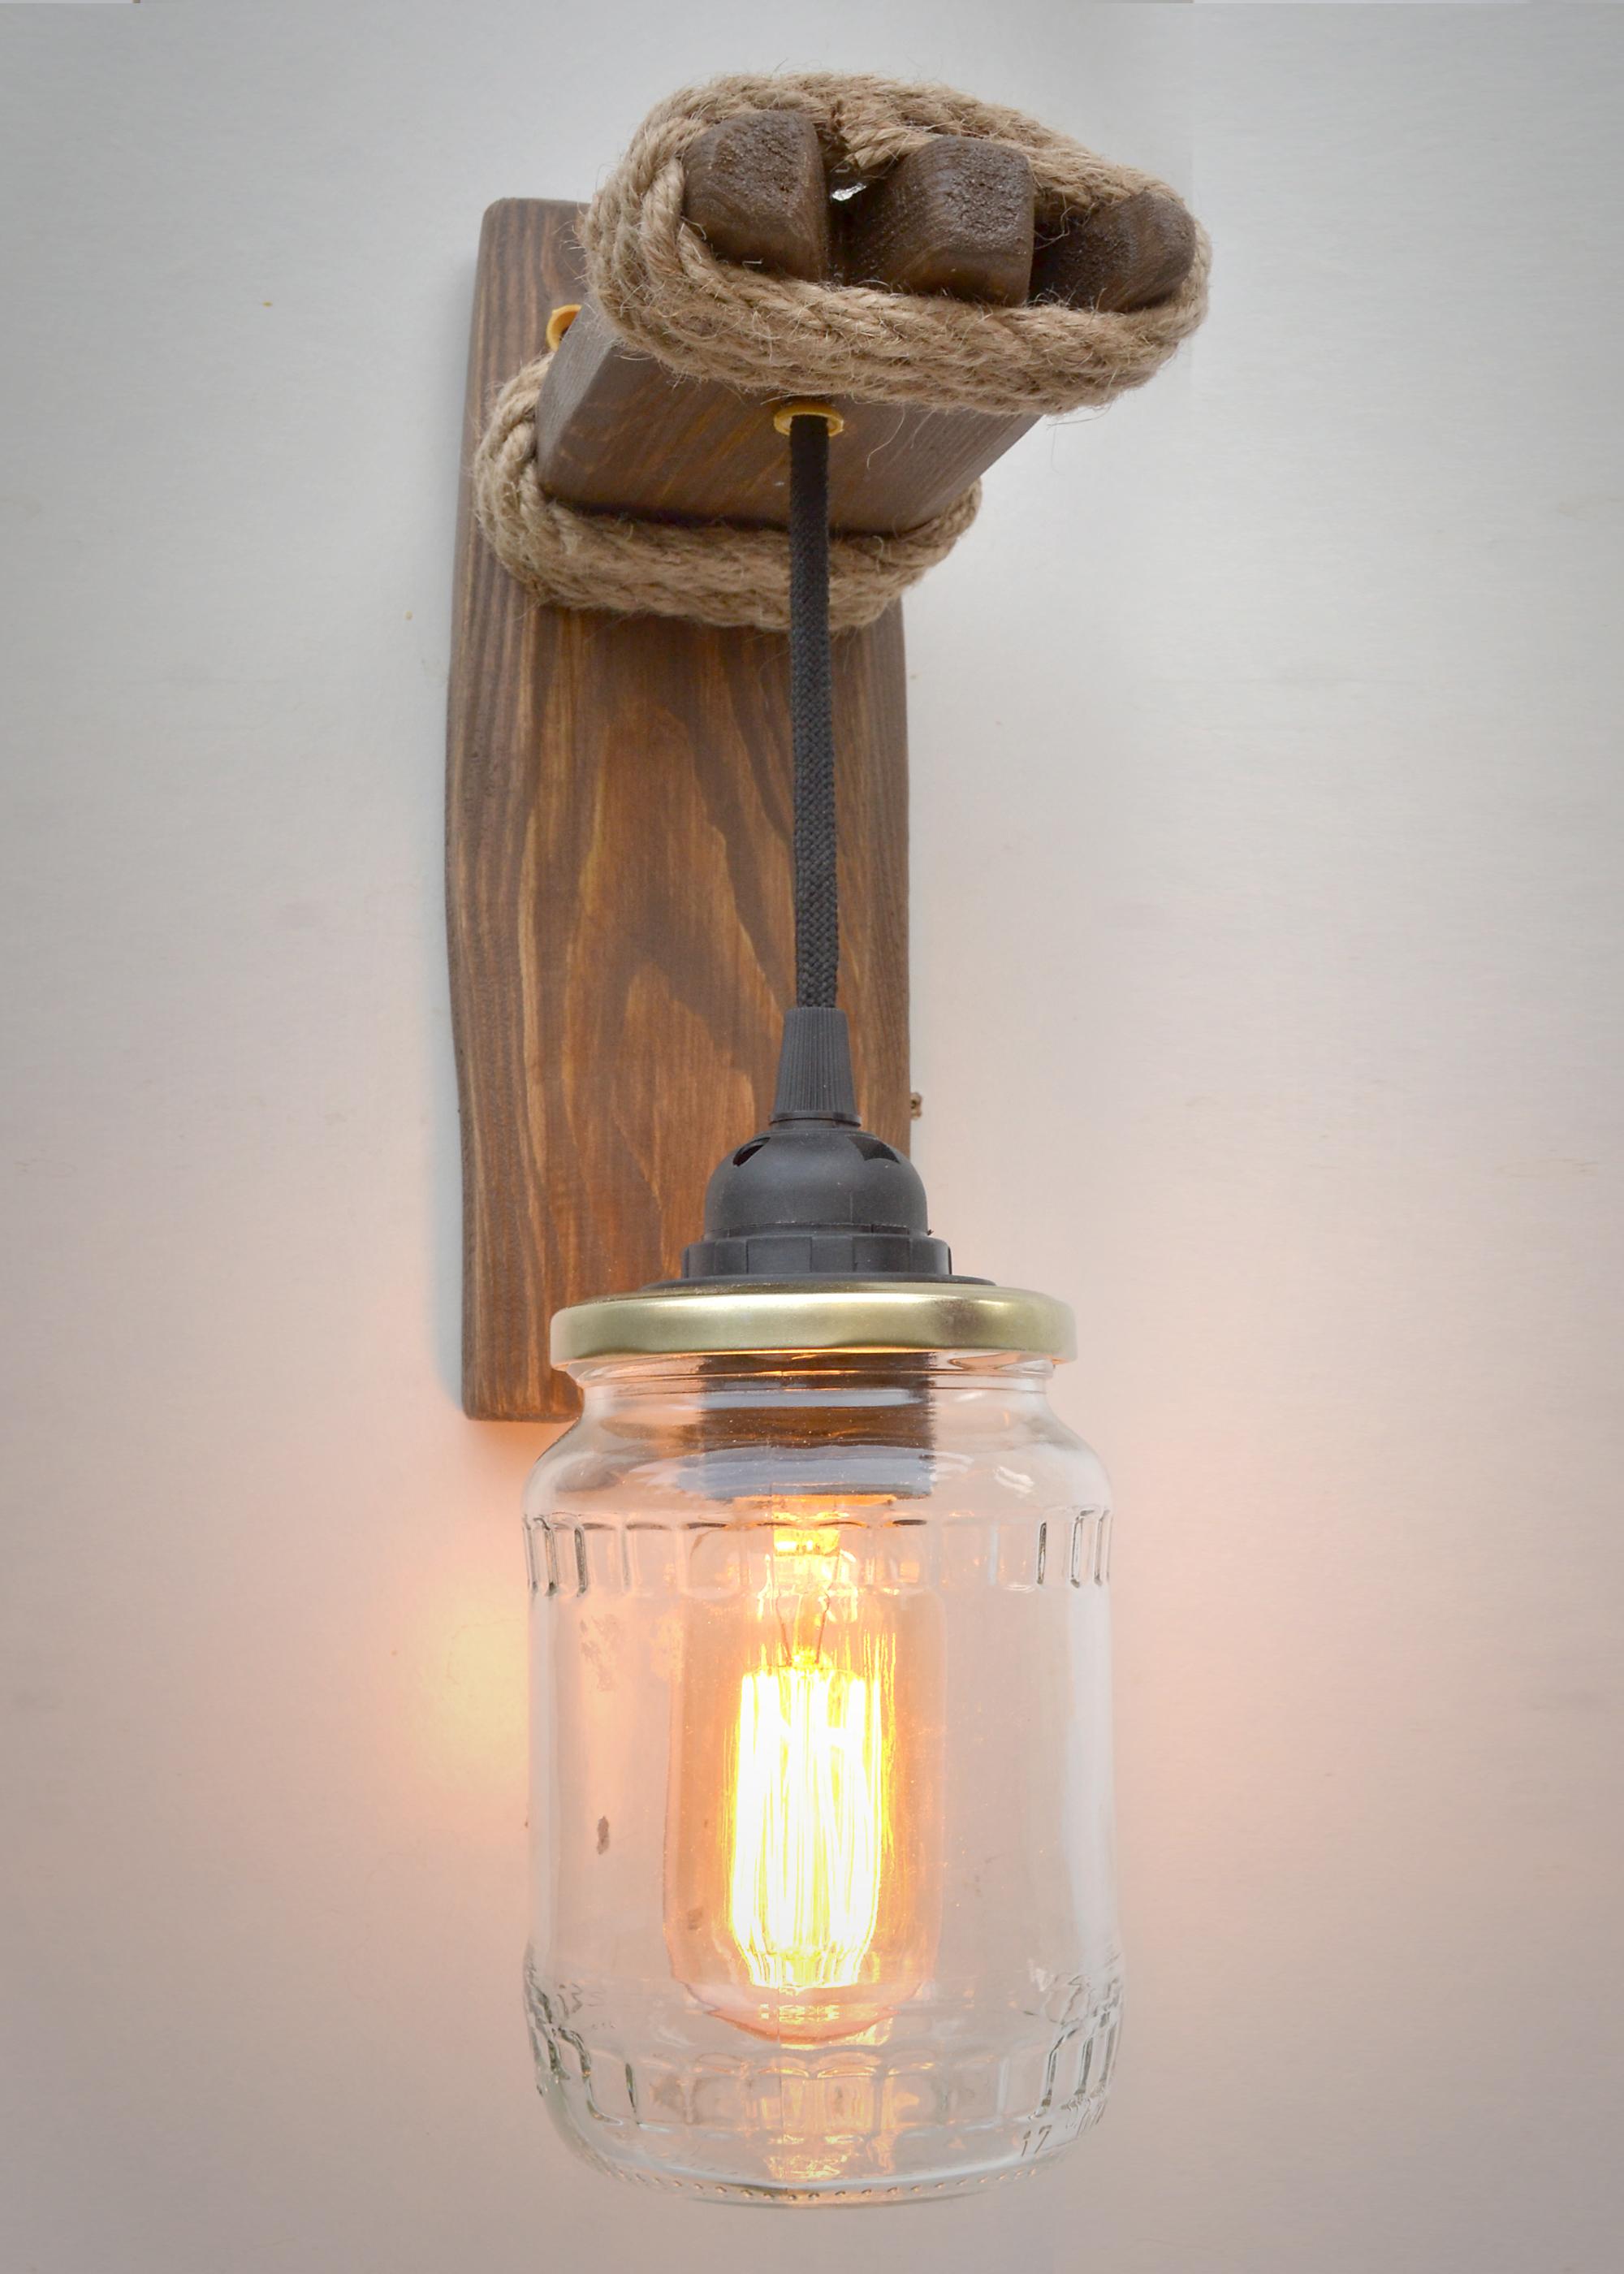 Applique De Lampe Maison Murale Luminaire Idée Bocaux Et PikXZOu